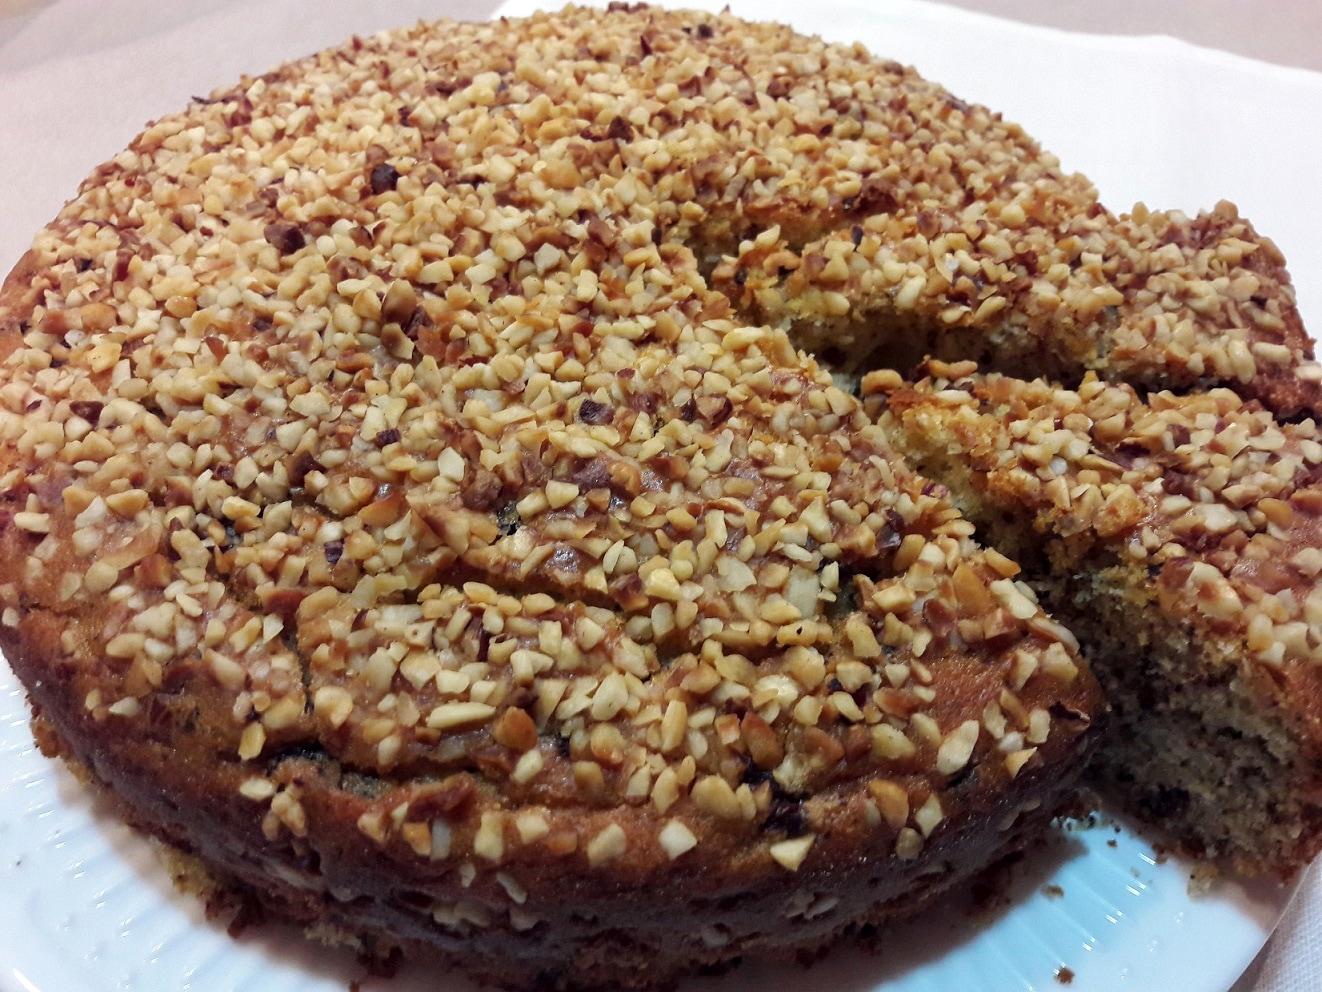 torta ricotta cioccolato nocciole 2-2-2